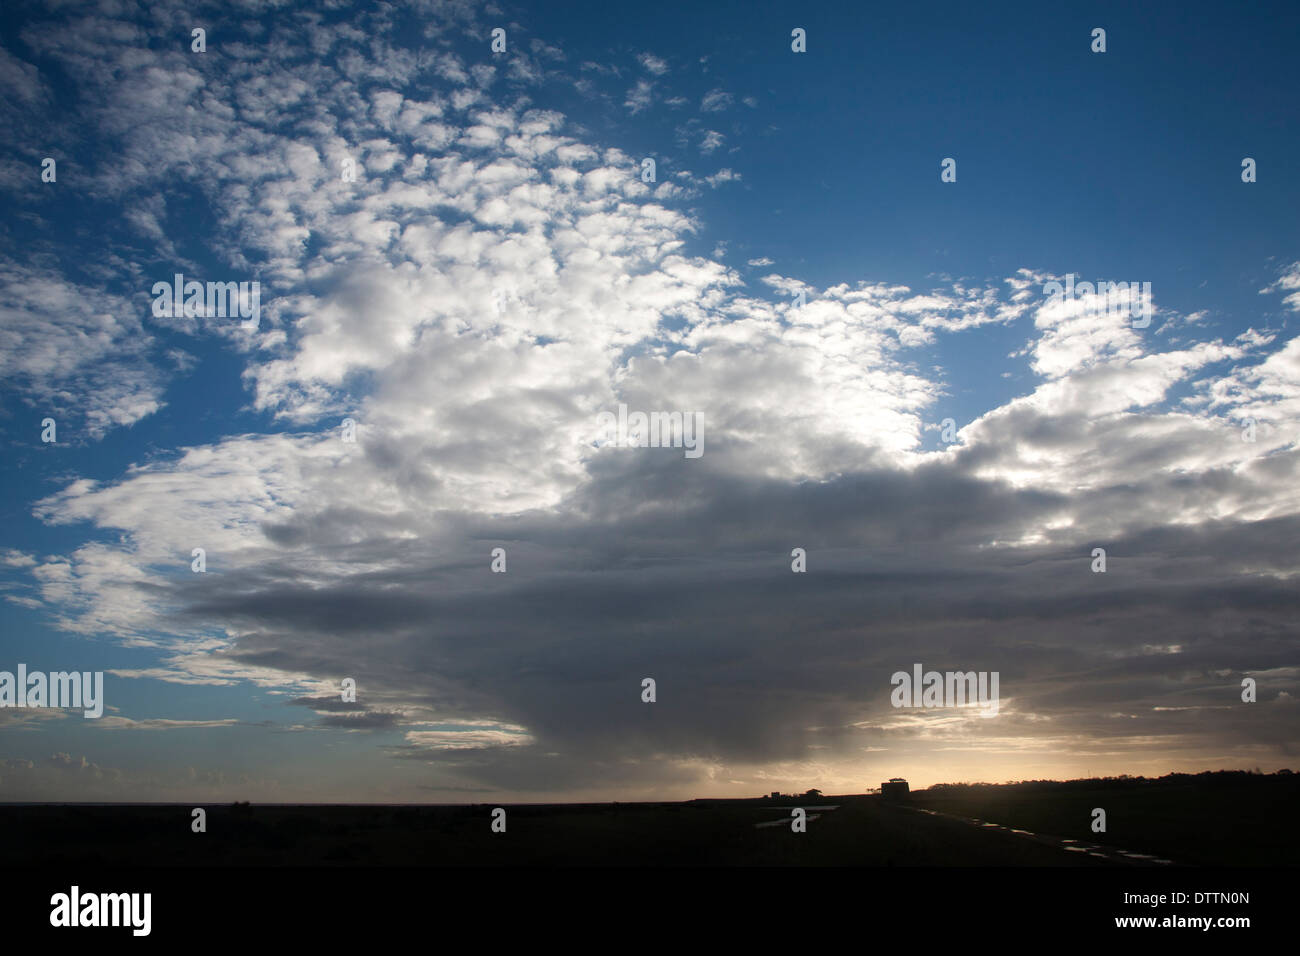 Nubes frontales moviéndose sobre el cielo bloqueando el sol en Bawdsey, Suffolk, Inglaterra Imagen De Stock